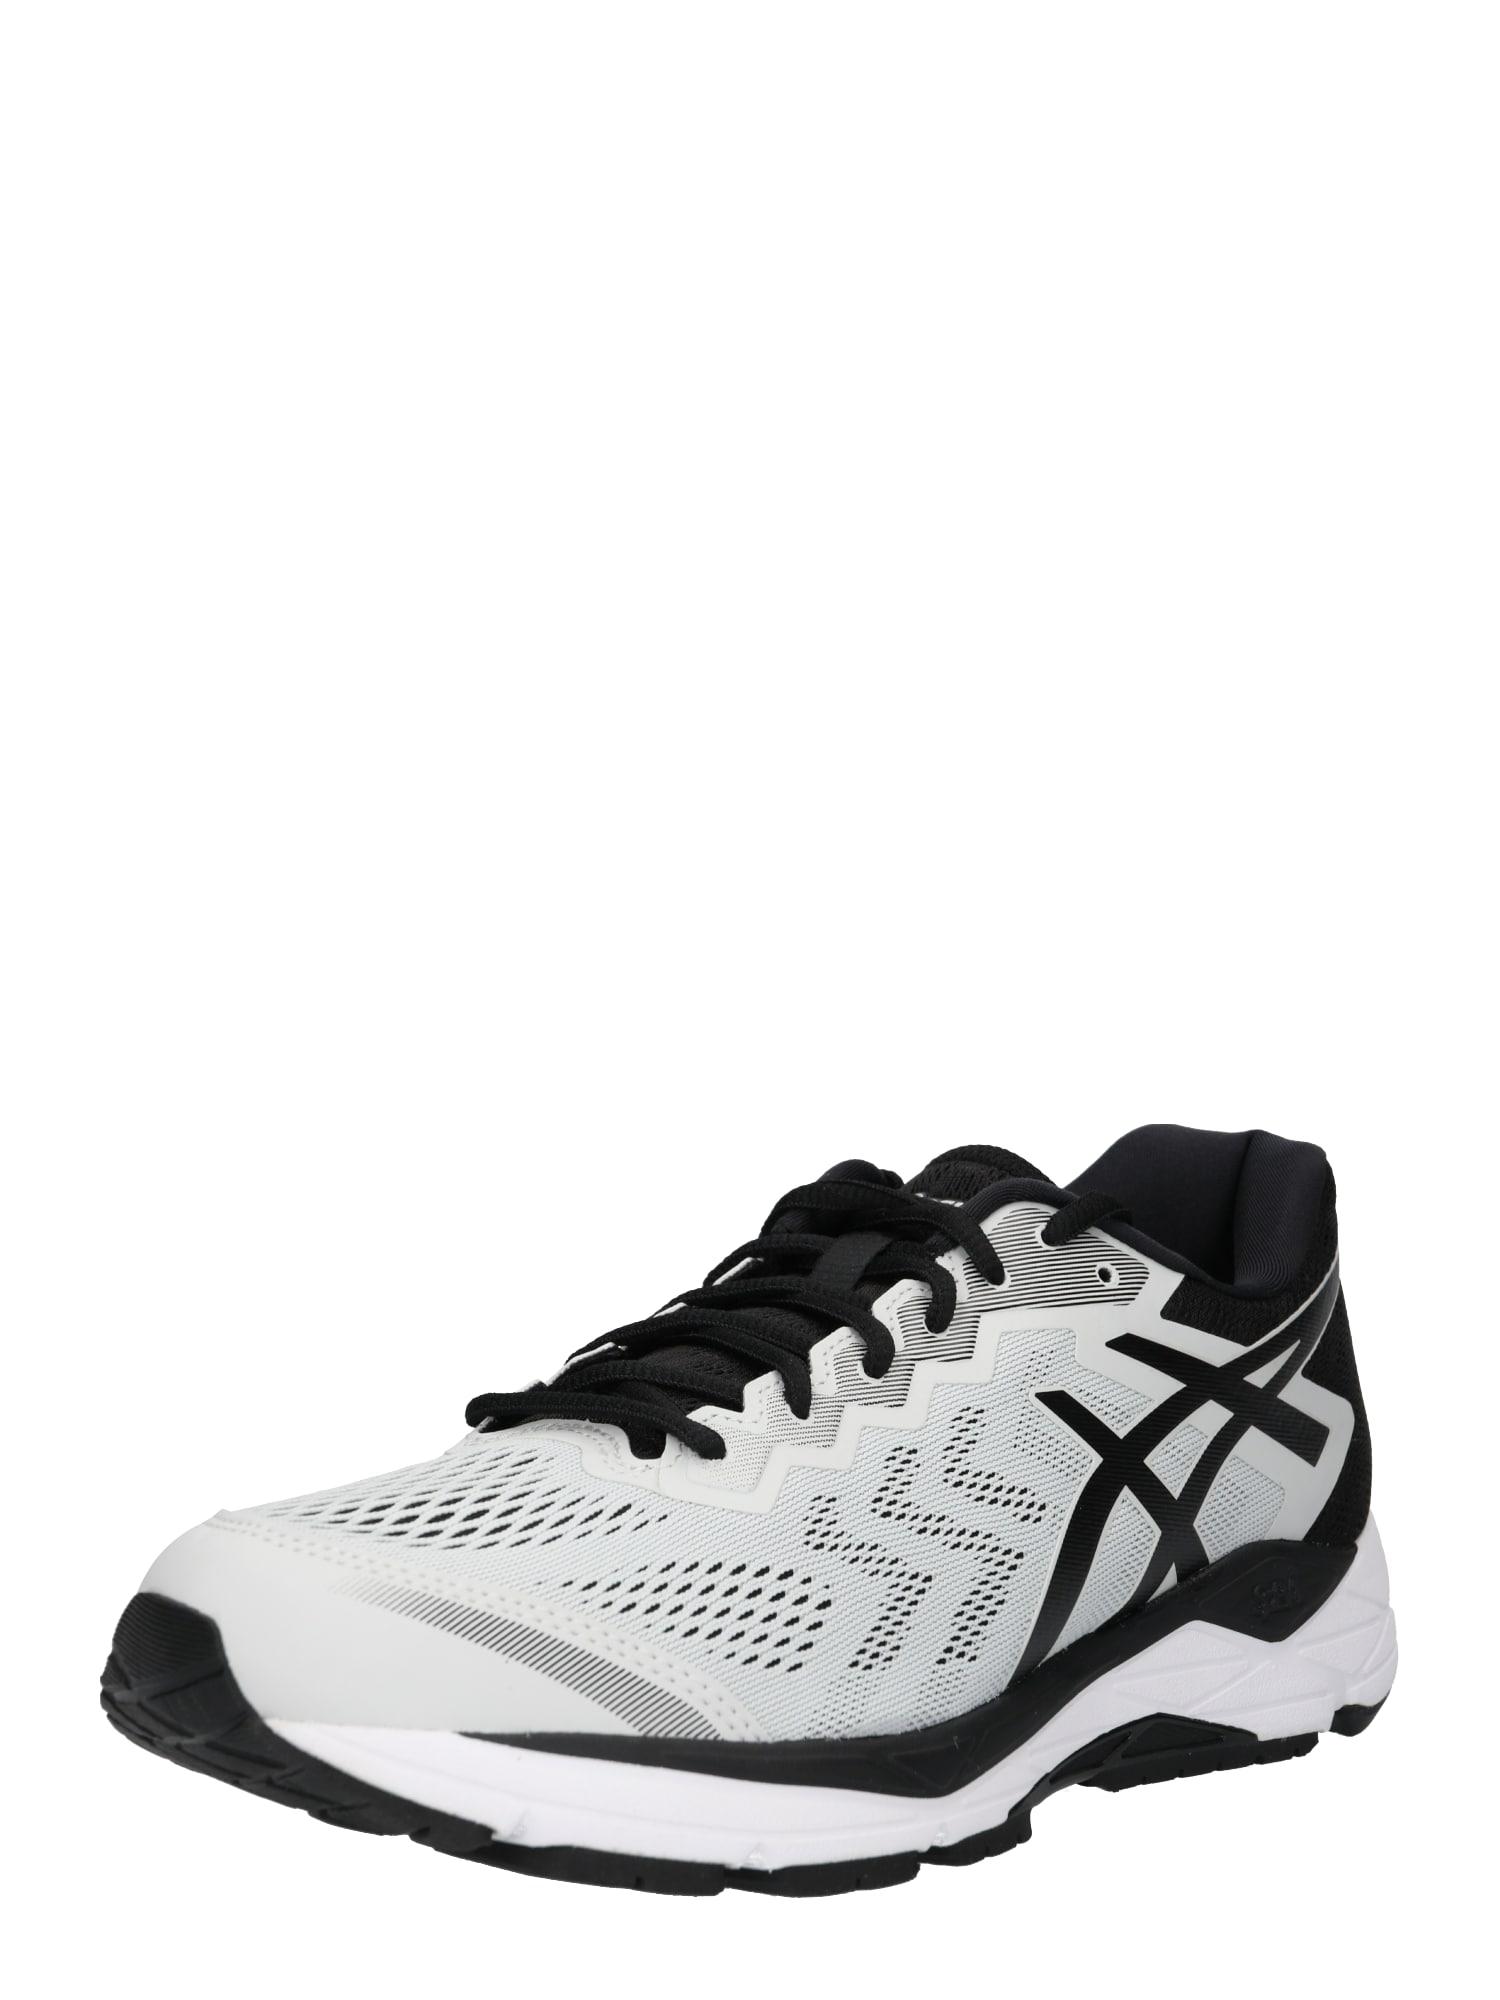 Běžecká obuv GEL-FORTITUDE šedá černá ASICS